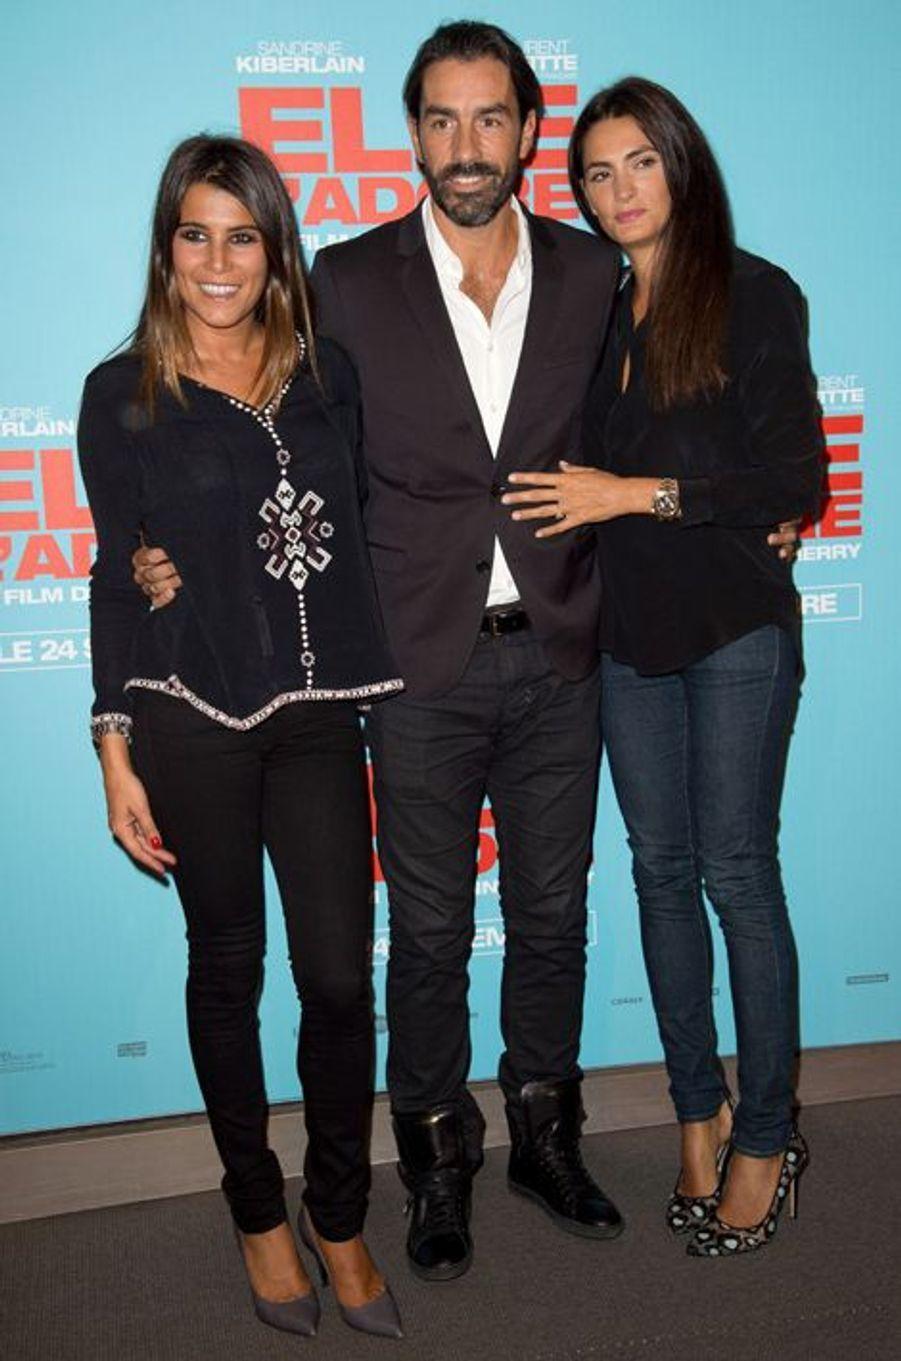 Karine Ferri, Robert Pirès et sa femme Jessica, à la première de «Elle l'adore» à Paris le 15 septembre 2014.